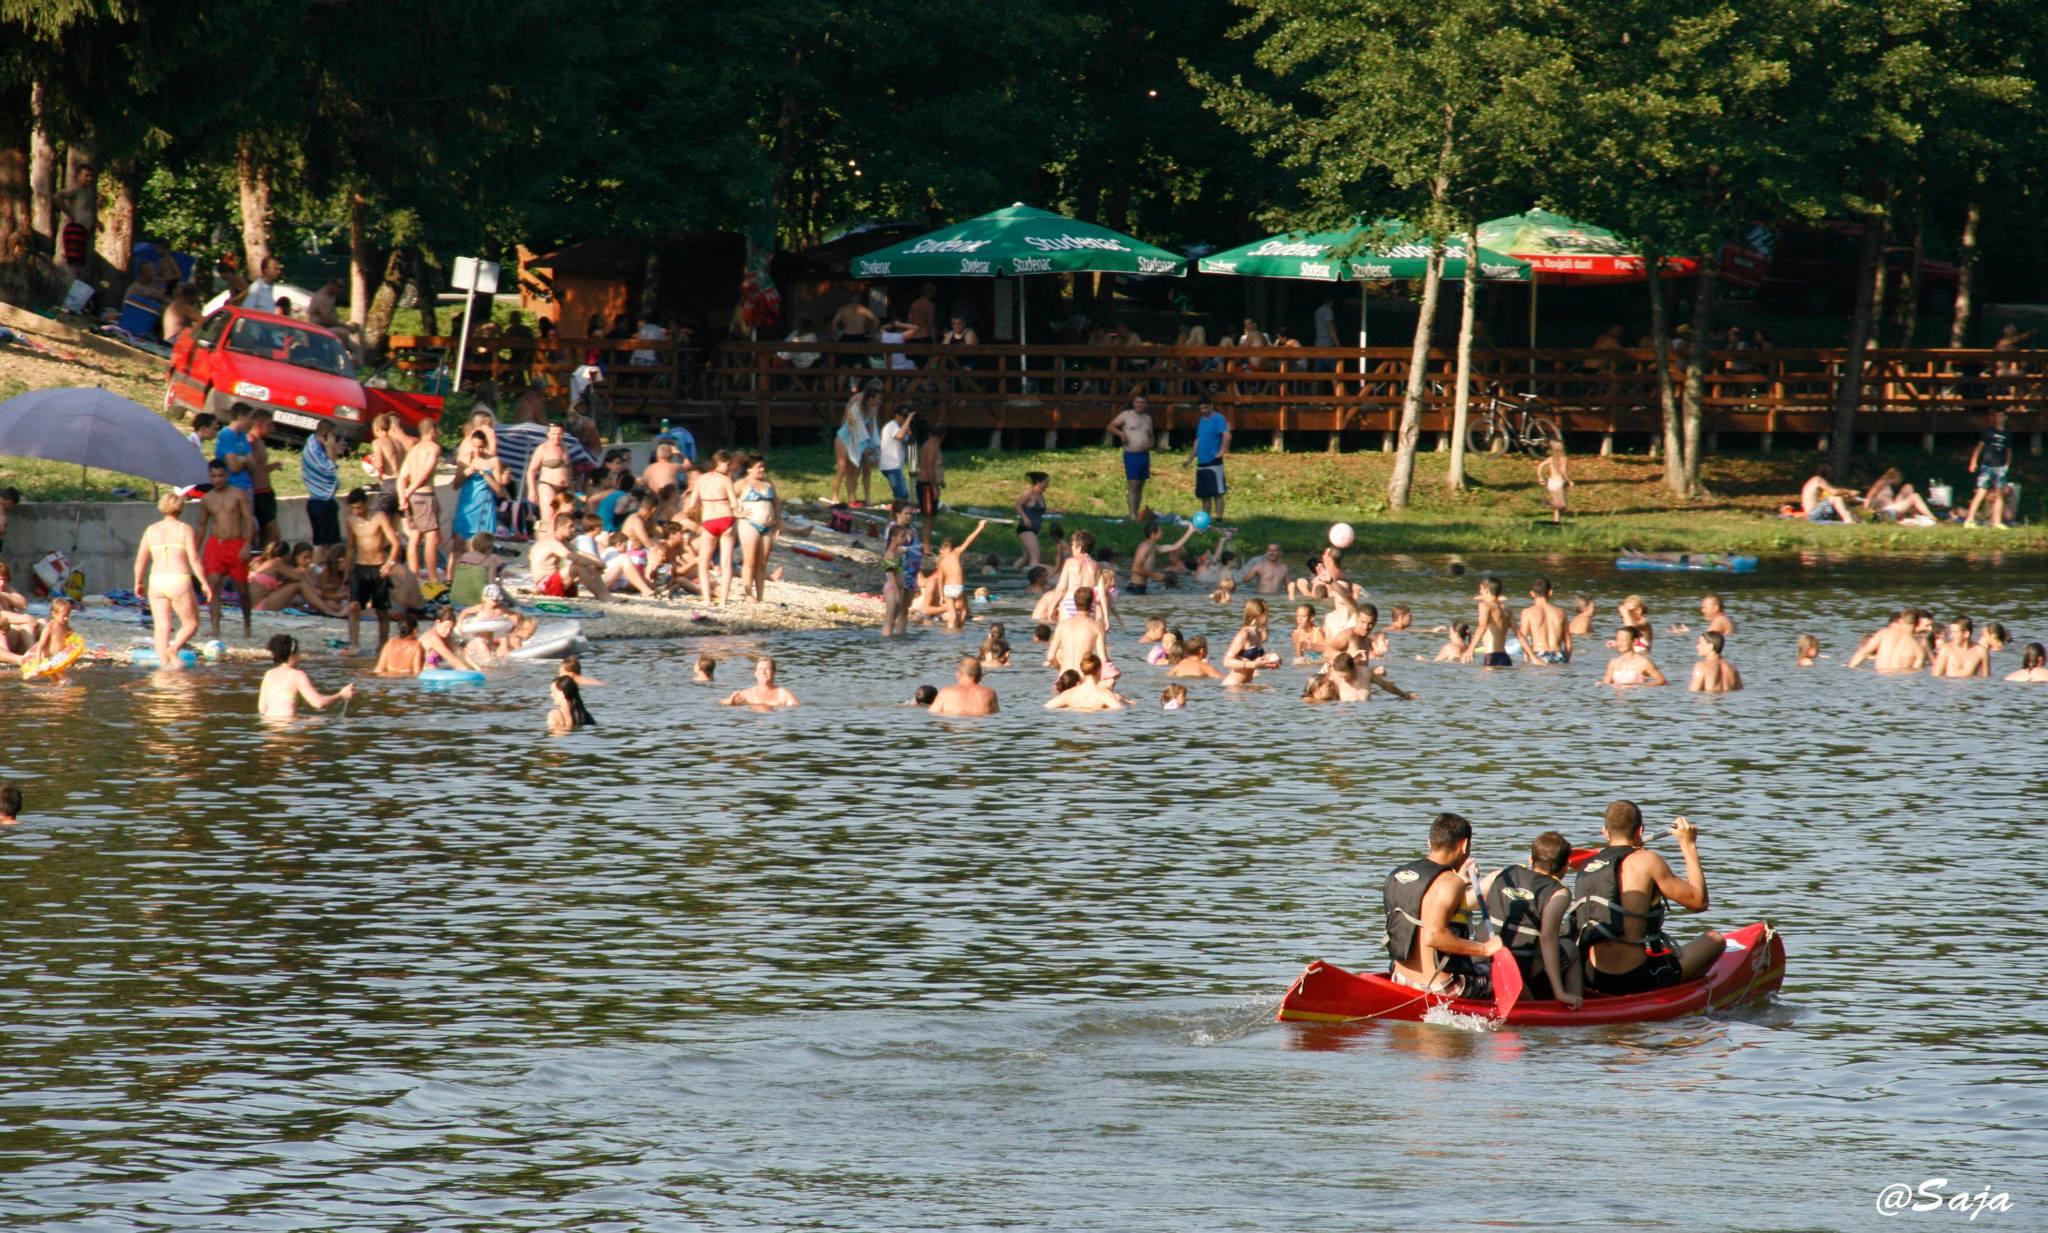 Sezona kupanja novljansko jezero